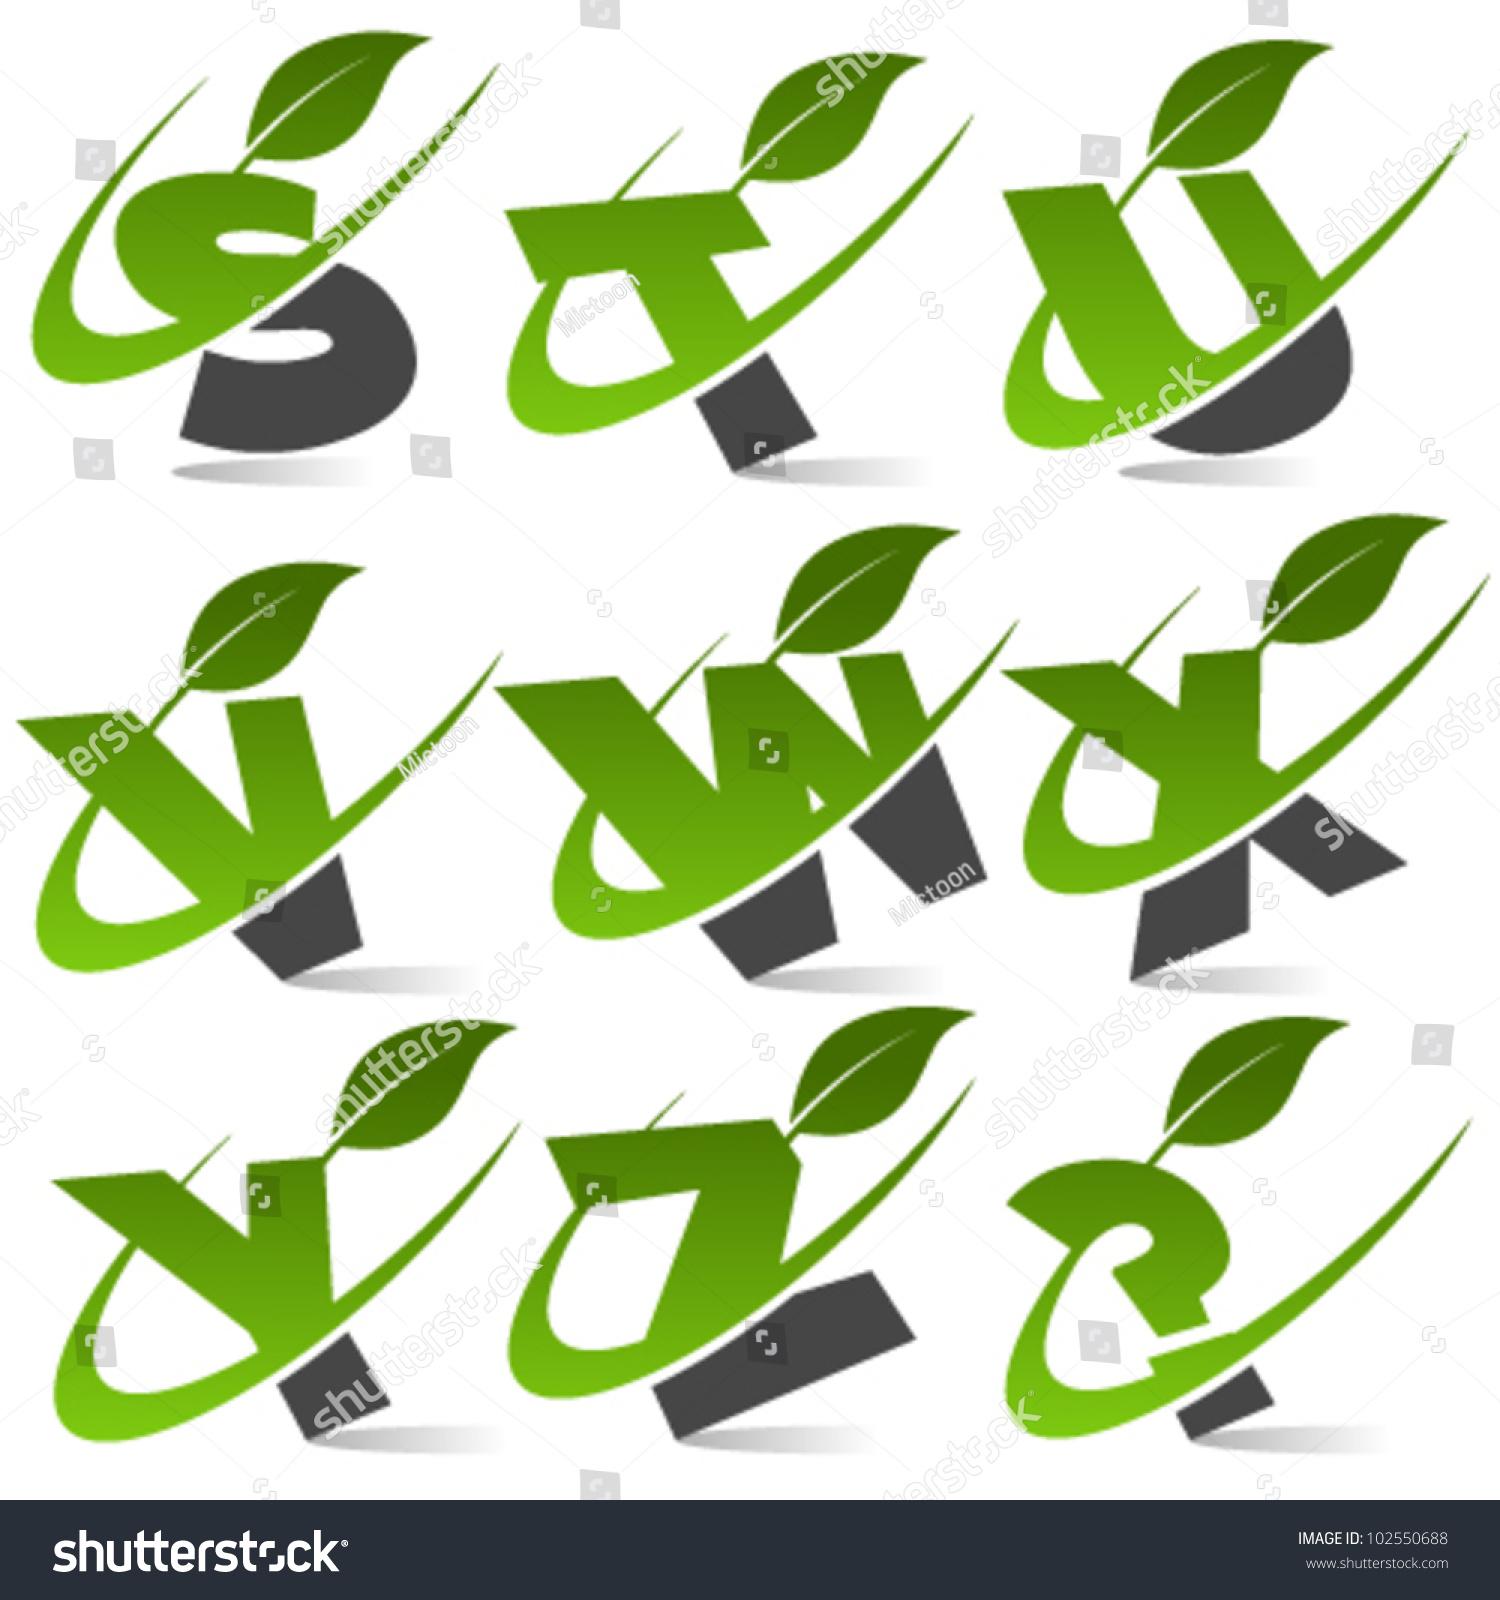 Stock Vector Swoosh Green